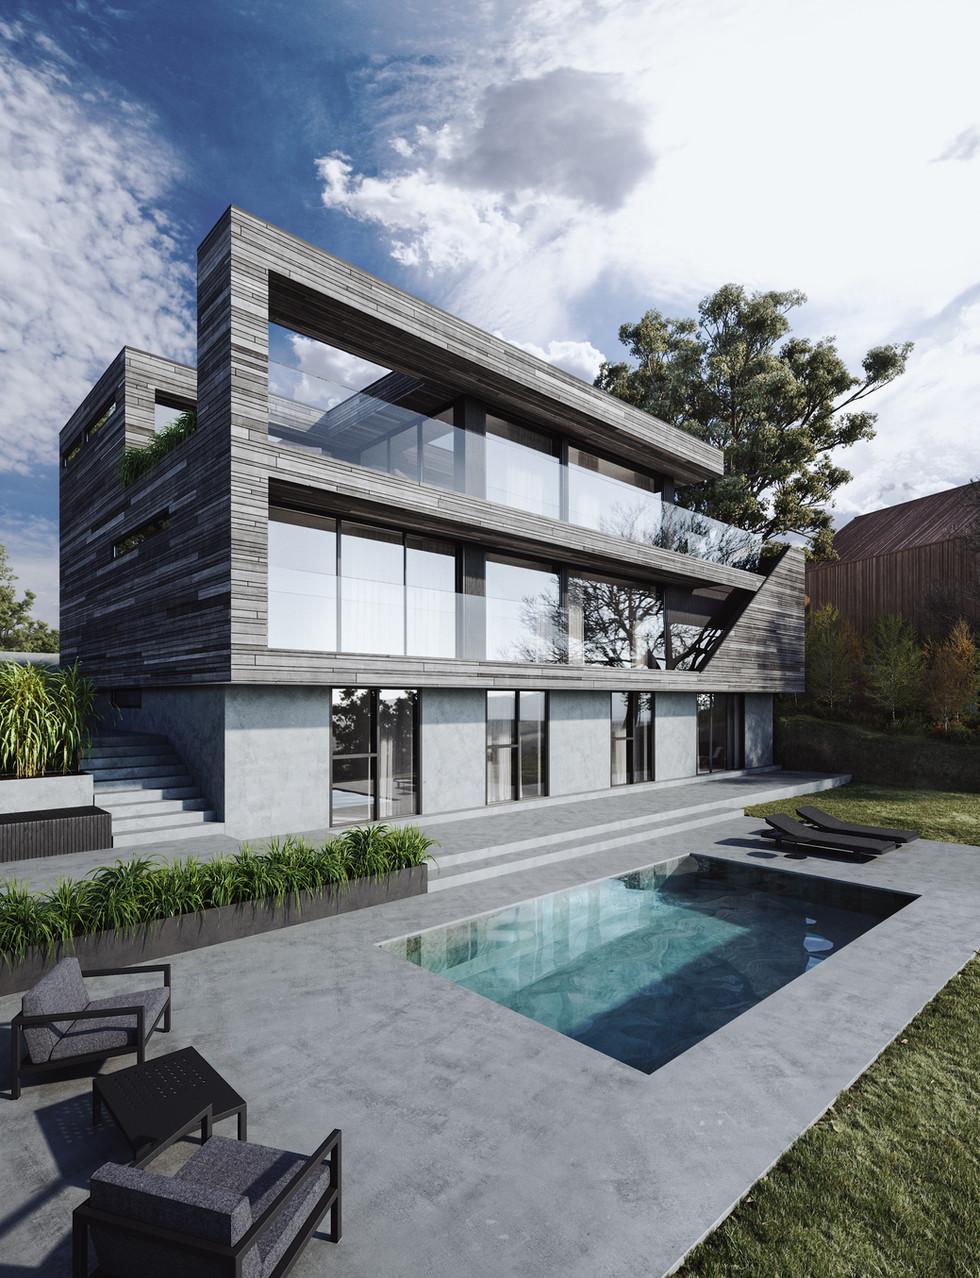 FINAL_Enebakk-house_exterior_02_fix1.jpg